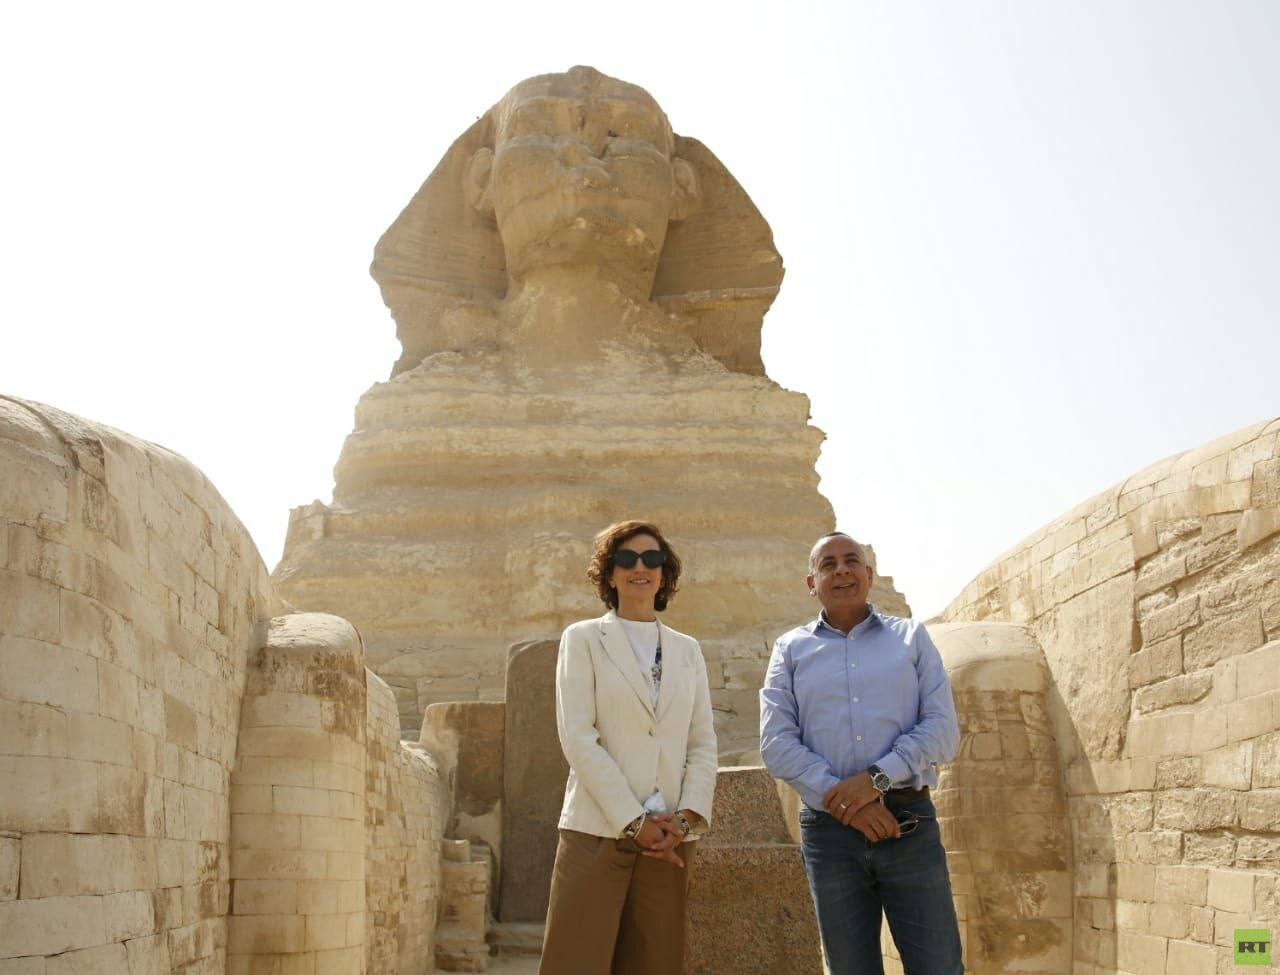 المديرة العامة لليونسكو تزور القاهرة التاريخية ومنطقتي آثار سقارة وأهرامات الجيزة (صور)